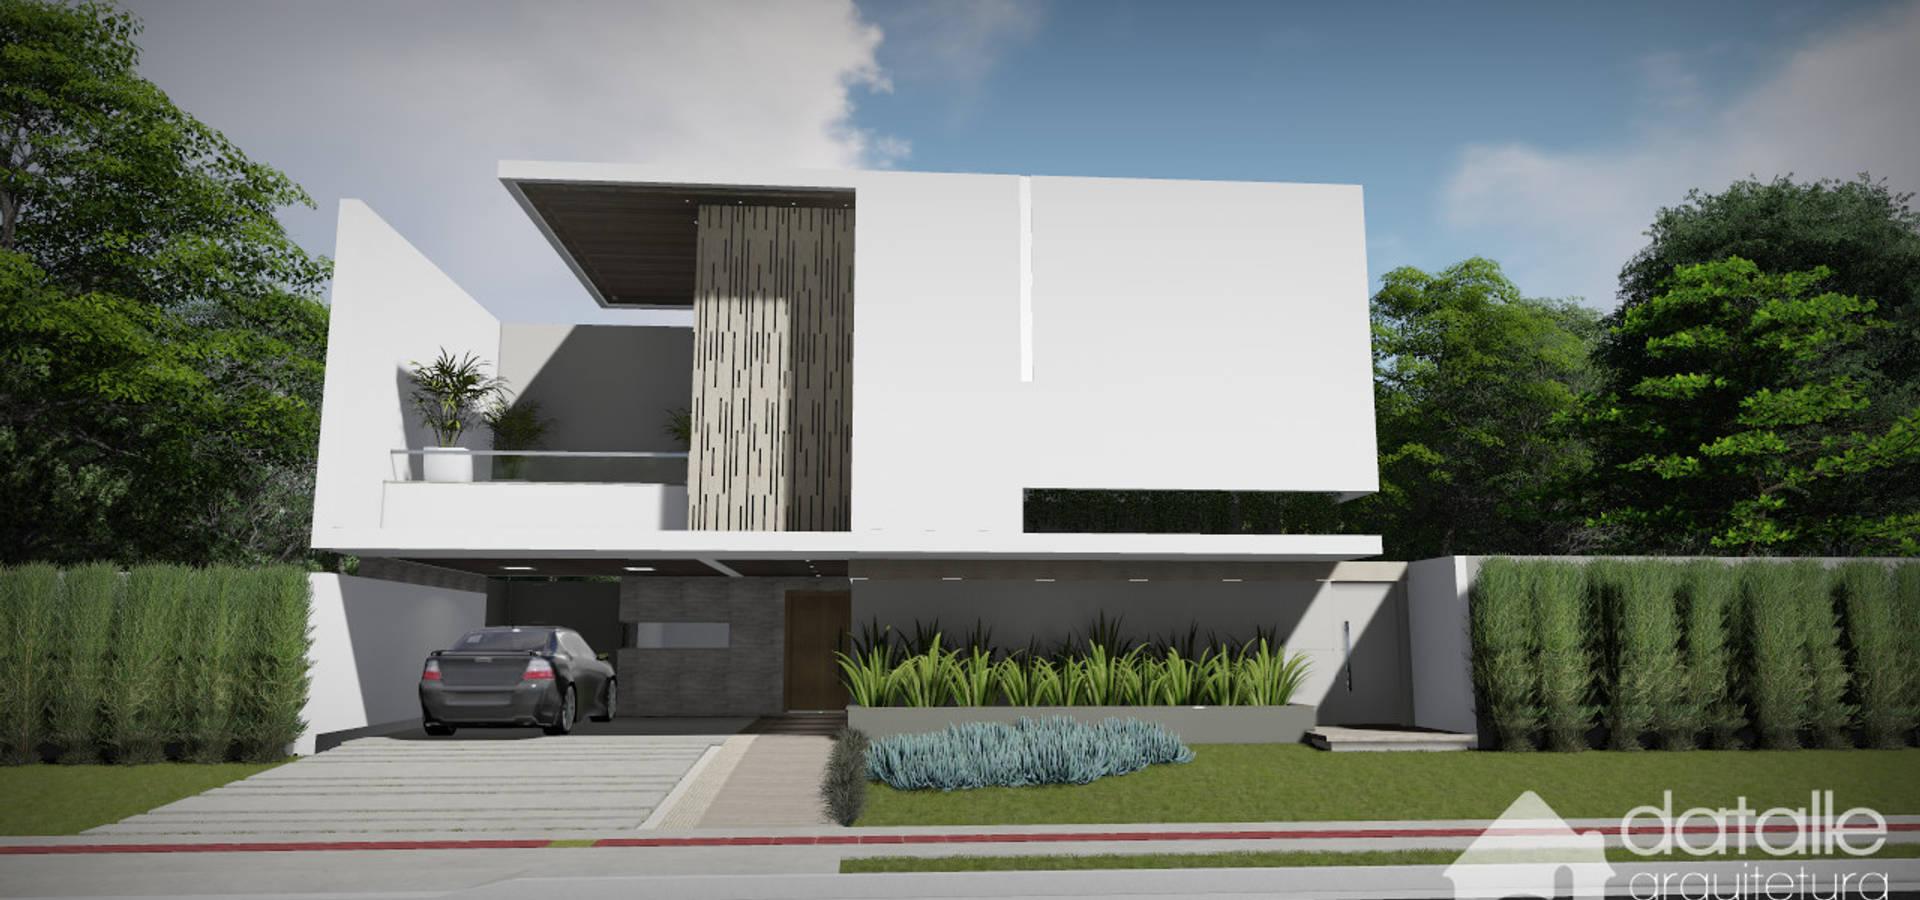 Datalle—Arquitetura & Interiores